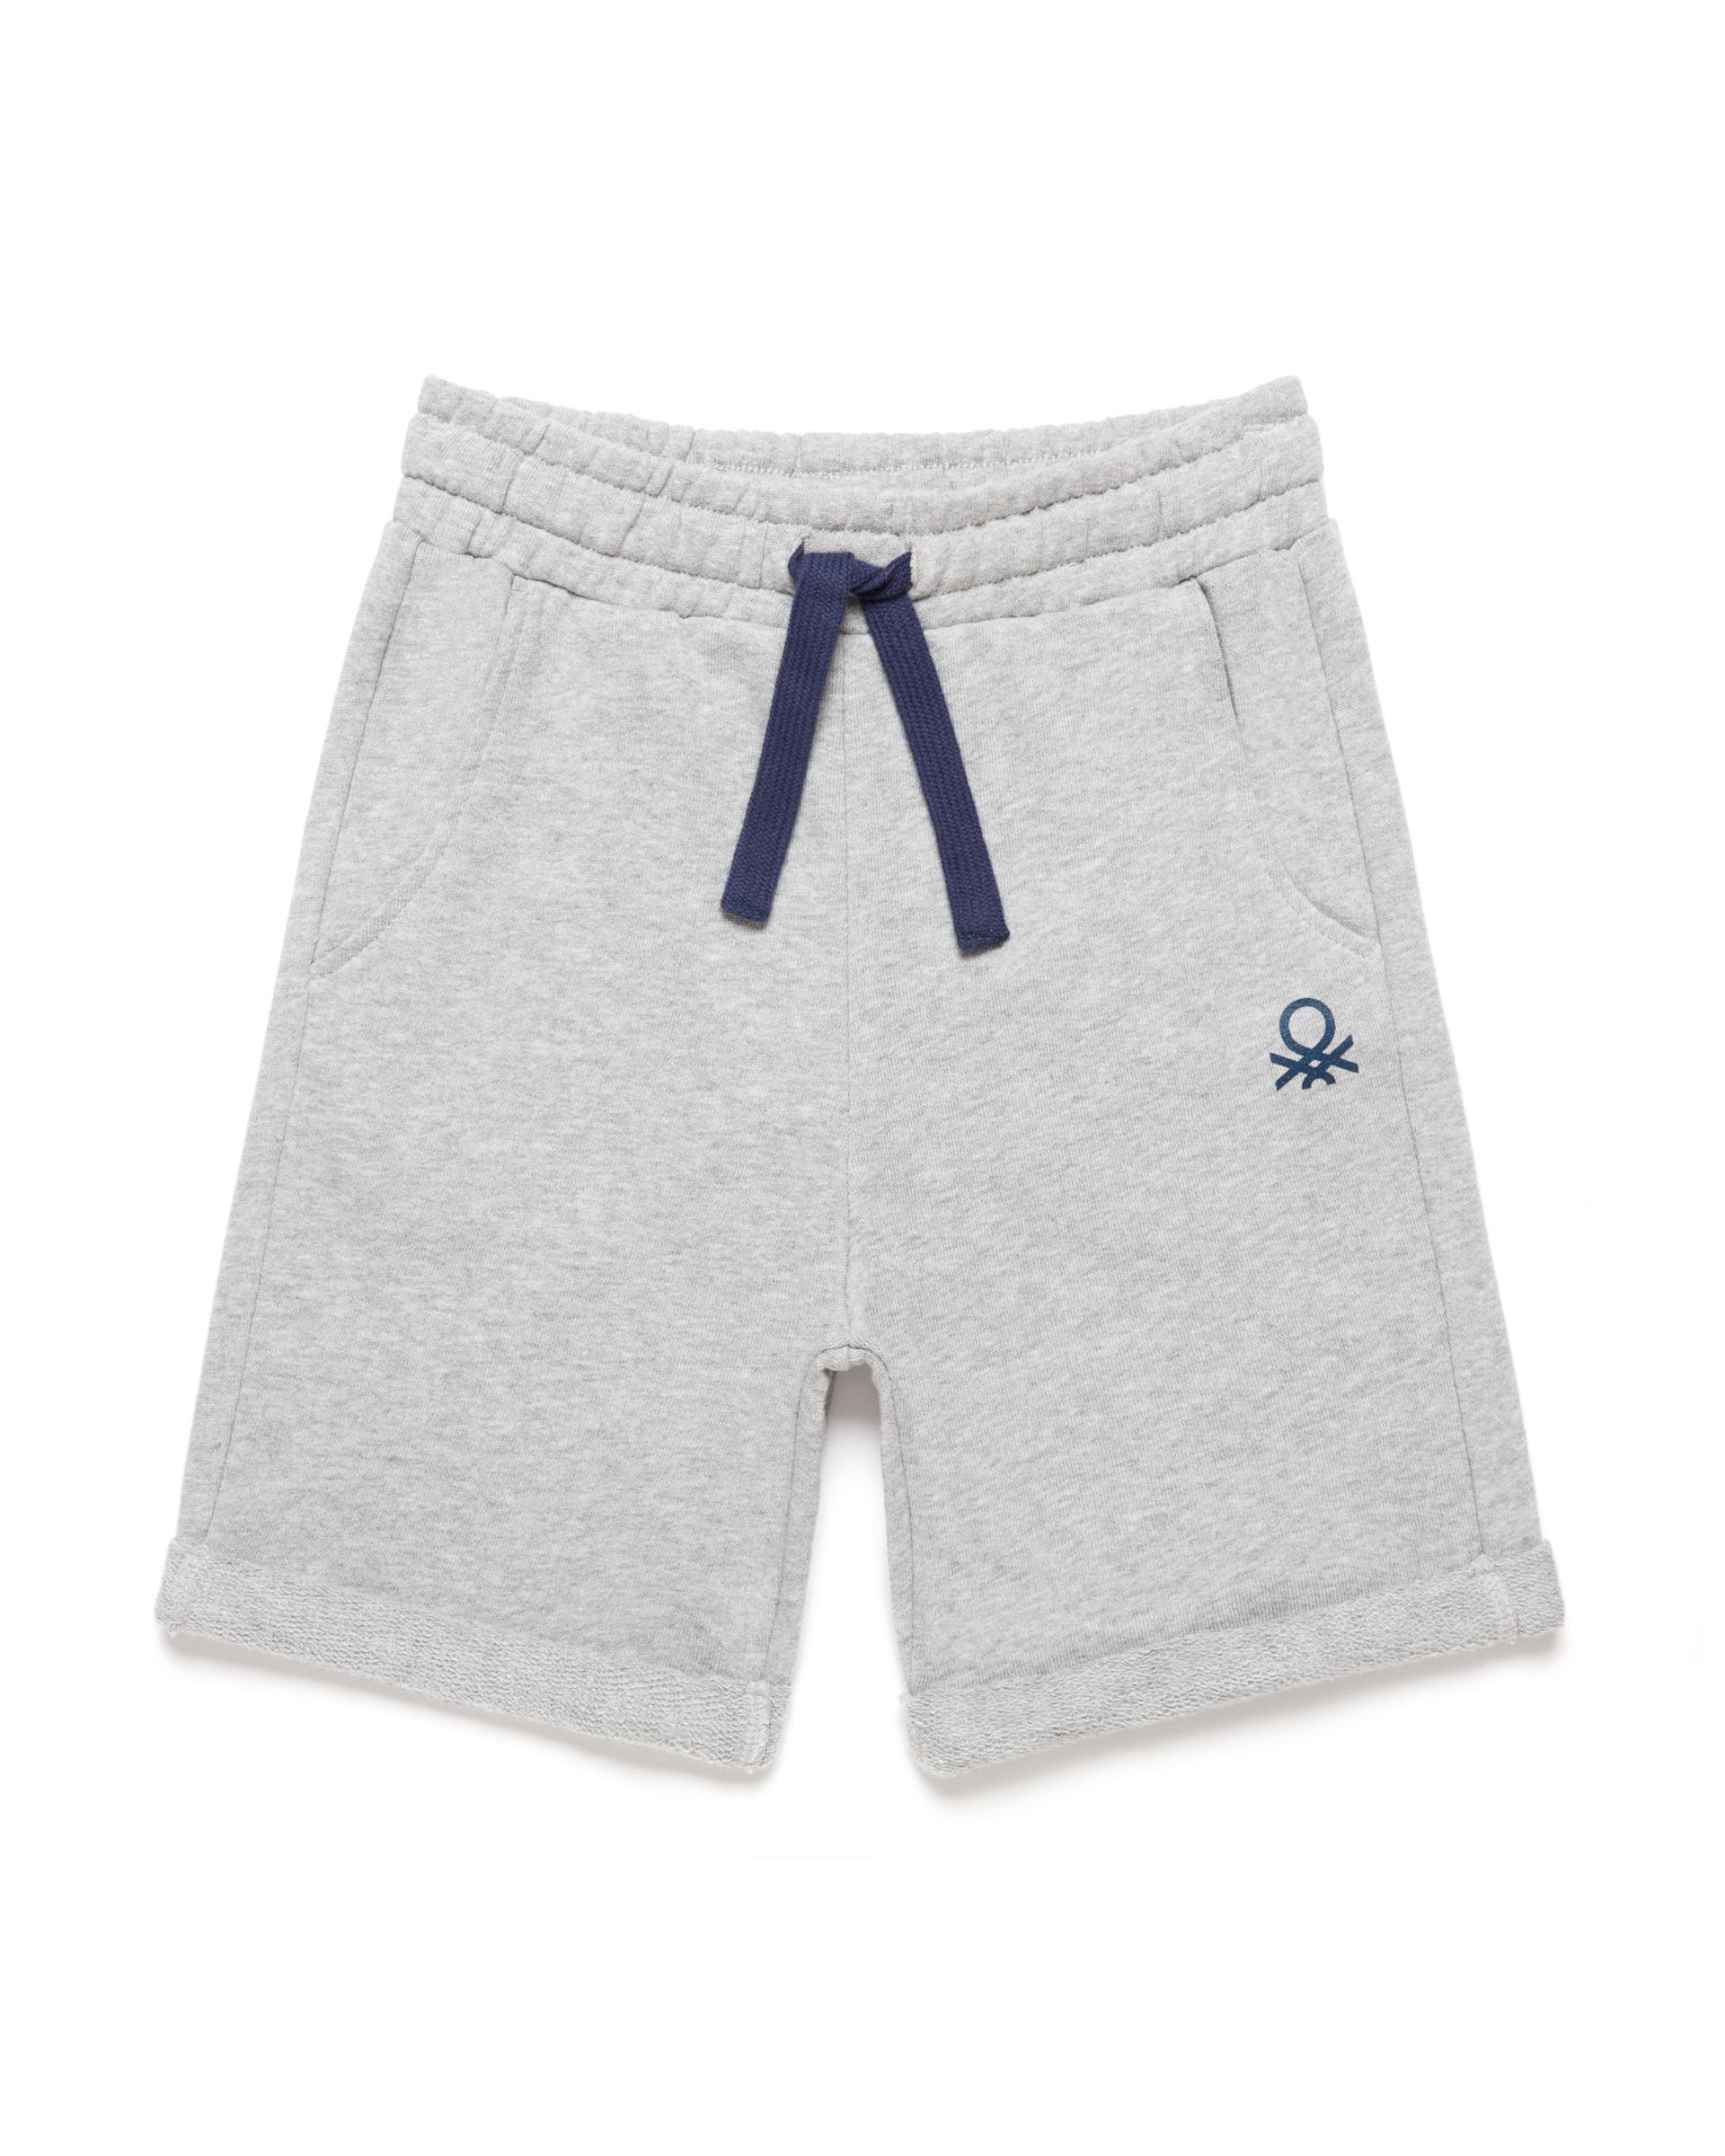 Купить 20P_3J68I0638_501, Спортивные шорты для мальчиков Benetton 3J68I0638_501 р-р 92, United Colors of Benetton, Шорты и брюки для новорожденных